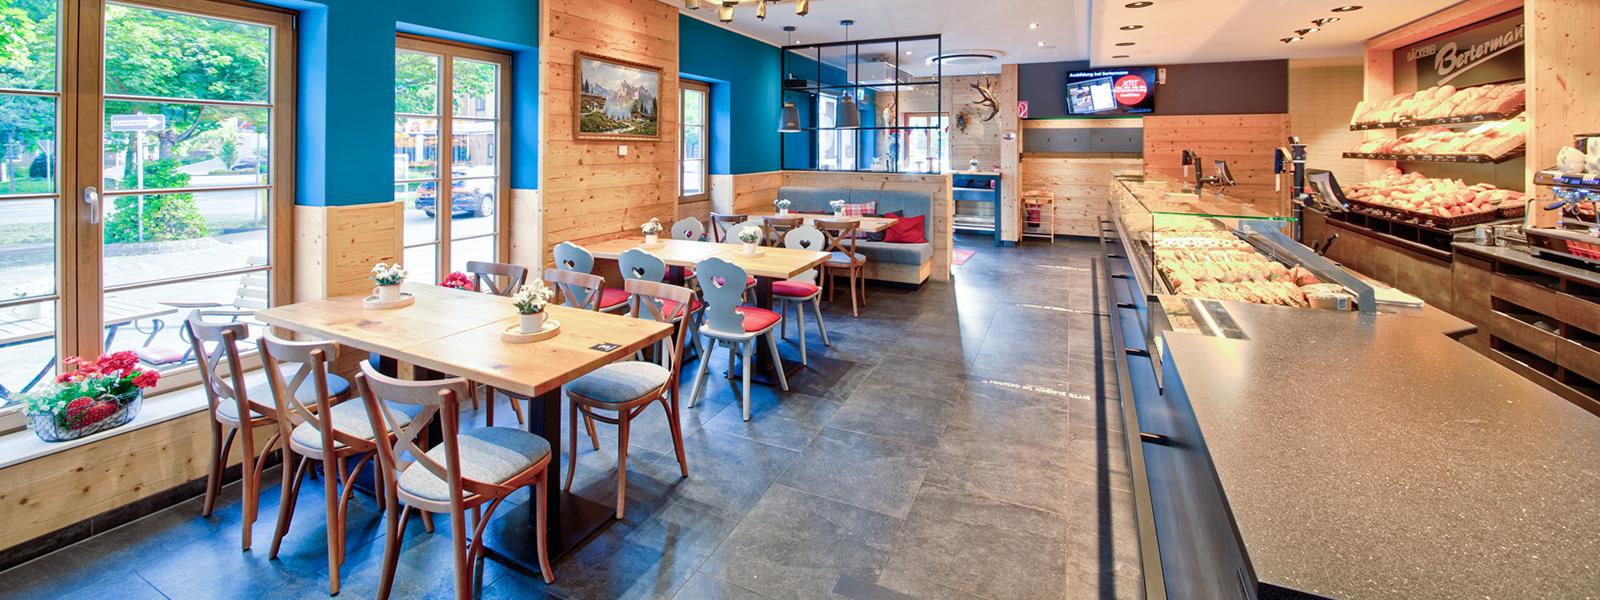 Bäckerei Bertermann – Backtradition im modernen Landhausstil